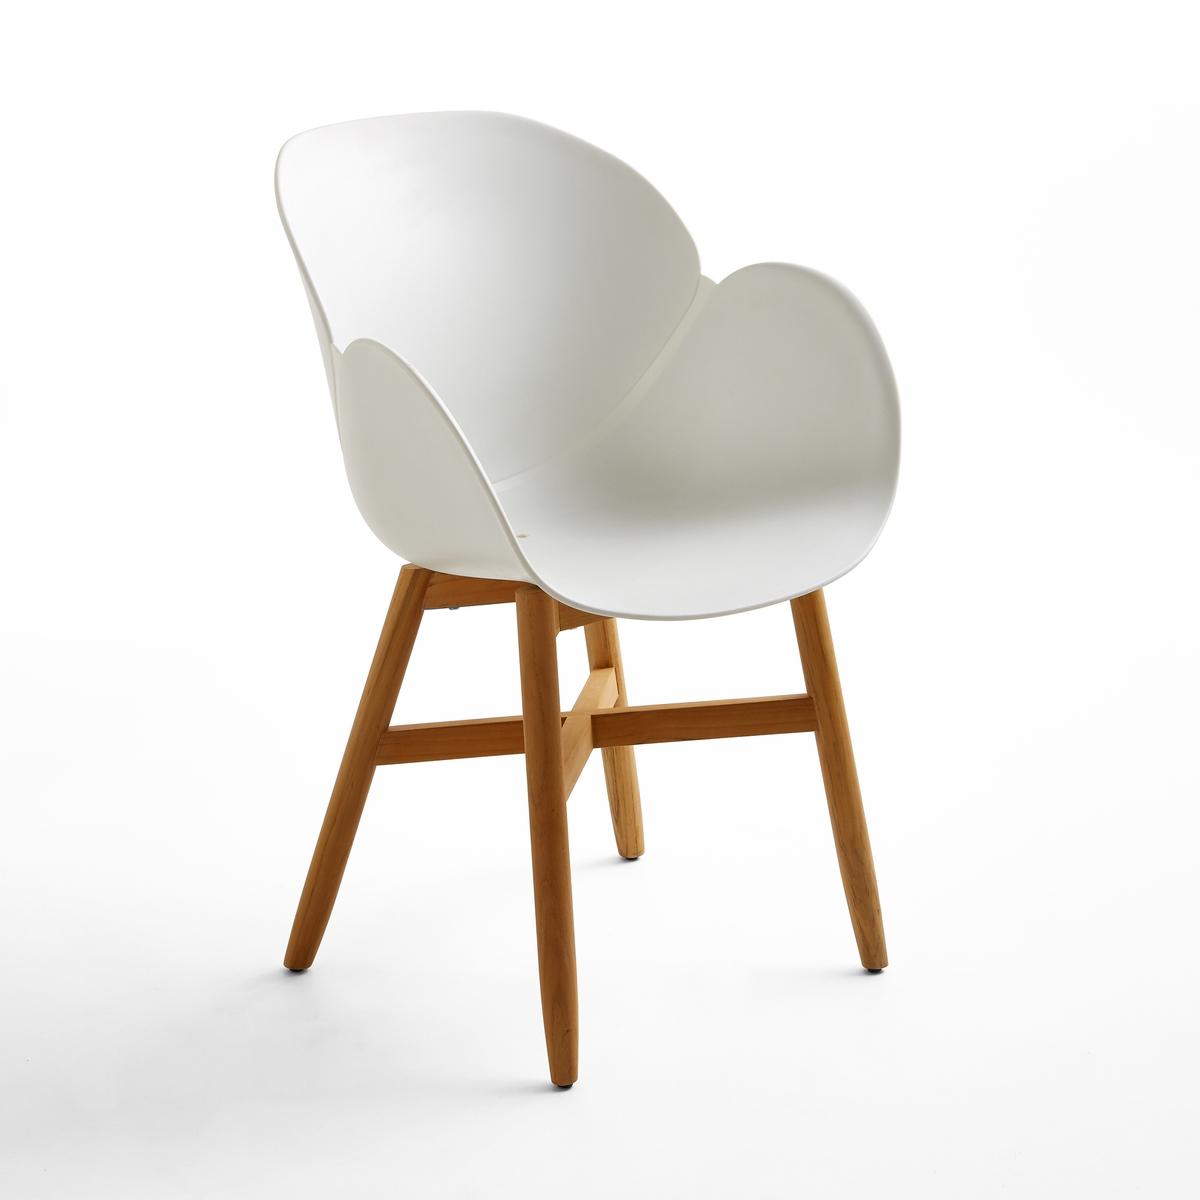 Кресло для сада с сиденьем в форме раковины, Jimi стол для сада из акации fsc caleb